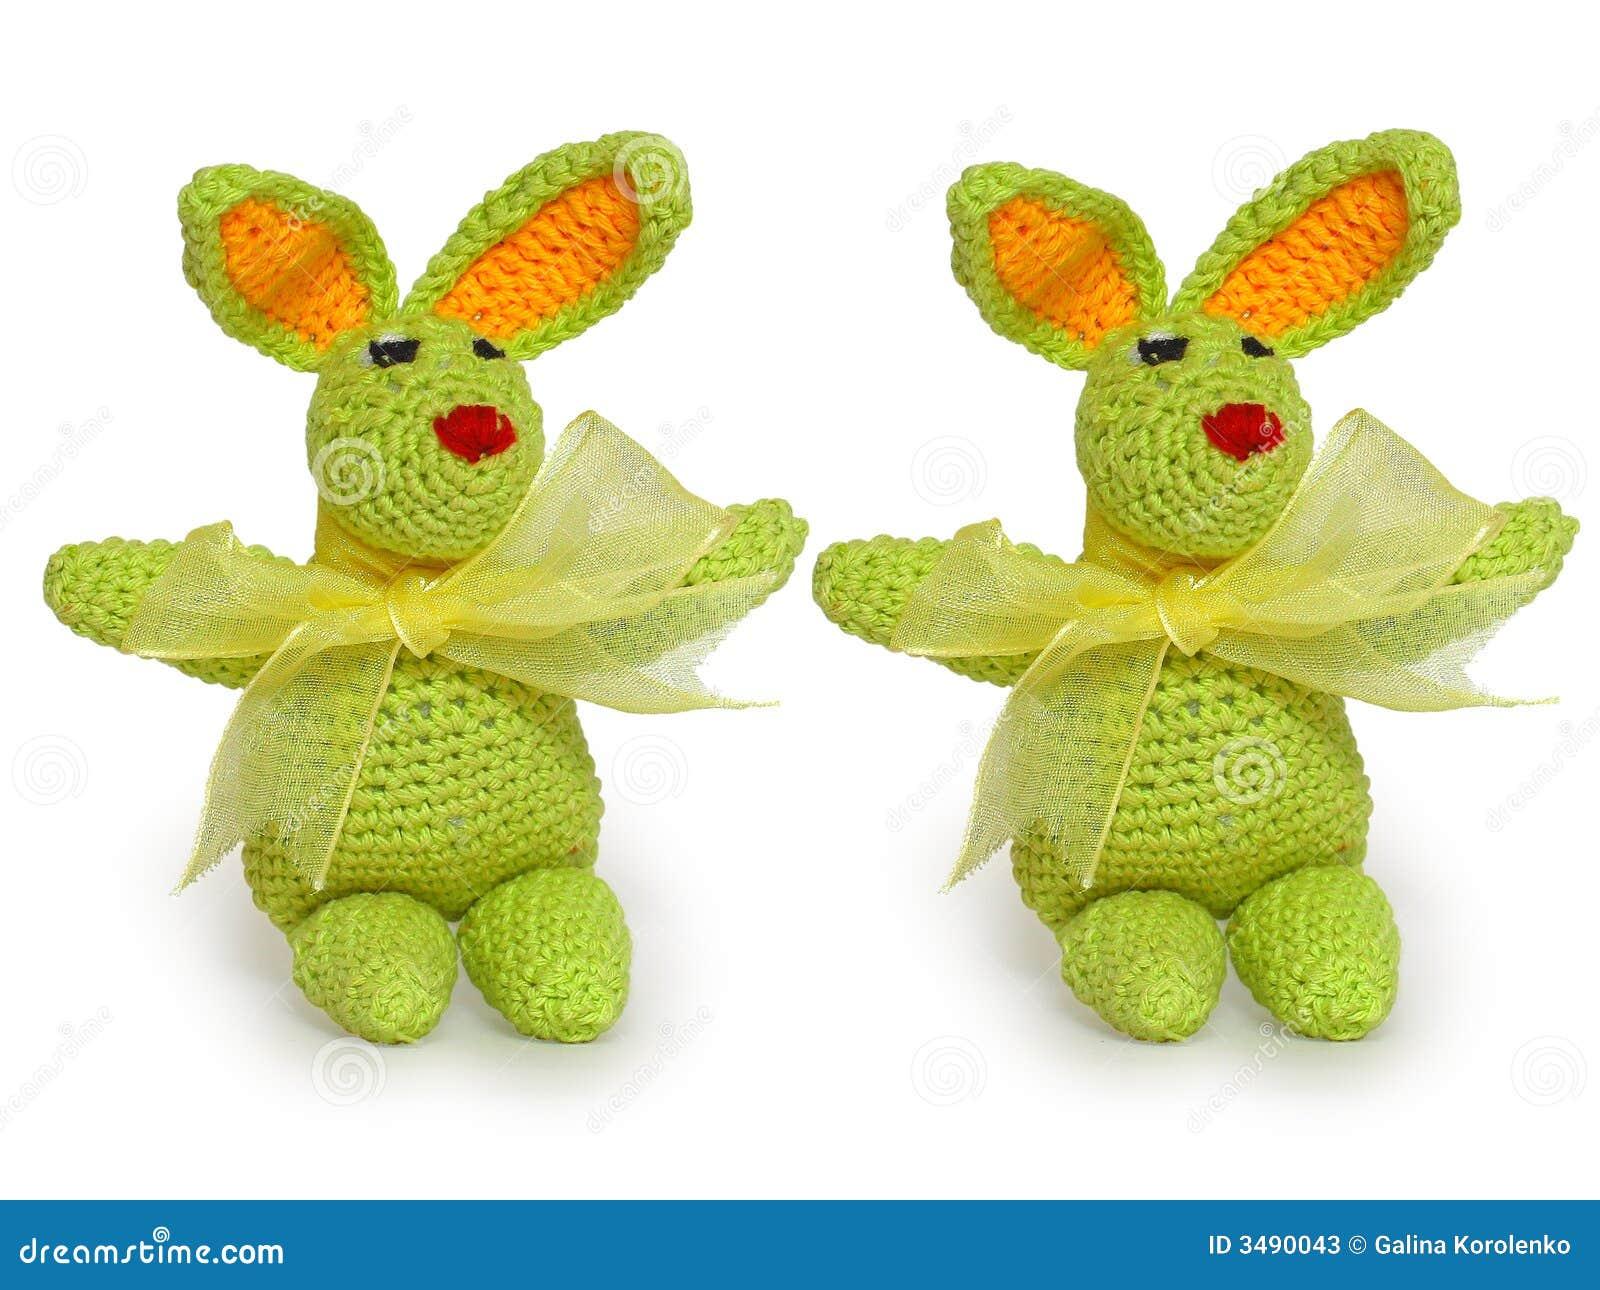 Lapins minuscules verts ornementaux